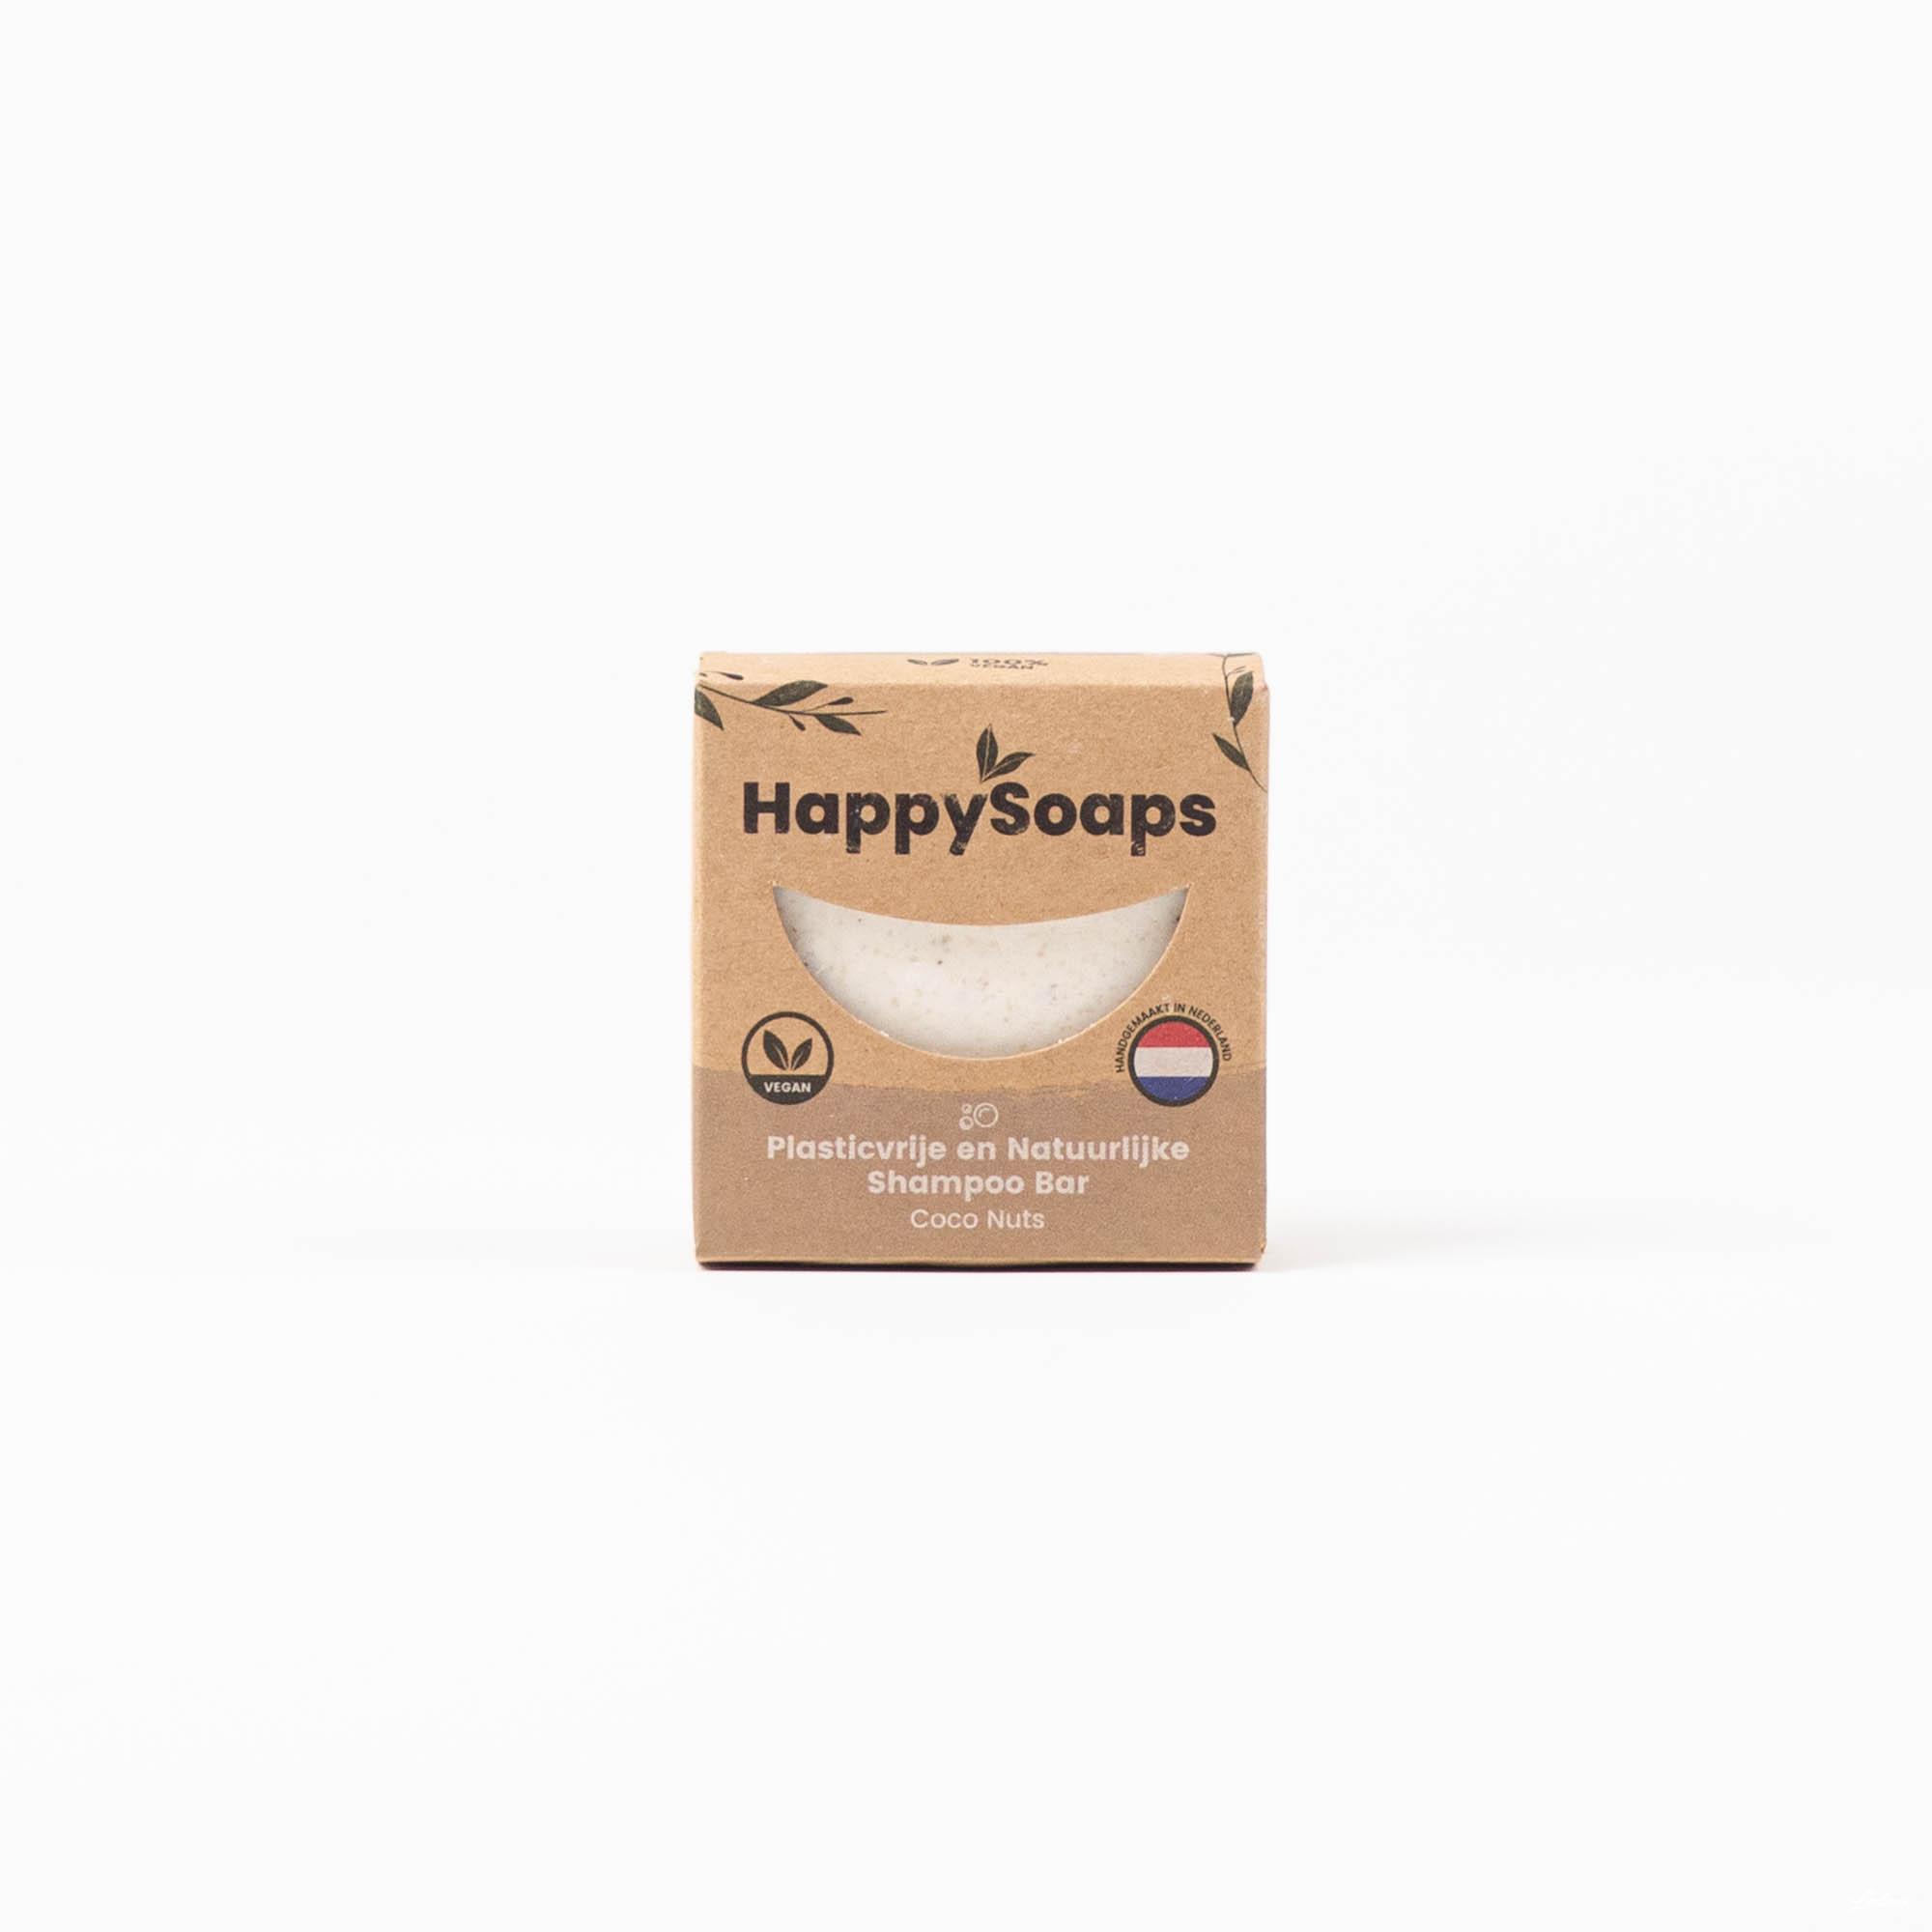 Happysoaps Coco Nuts Shampoo Bar steeds aan de beste prijzen bij Wave Thirteen!